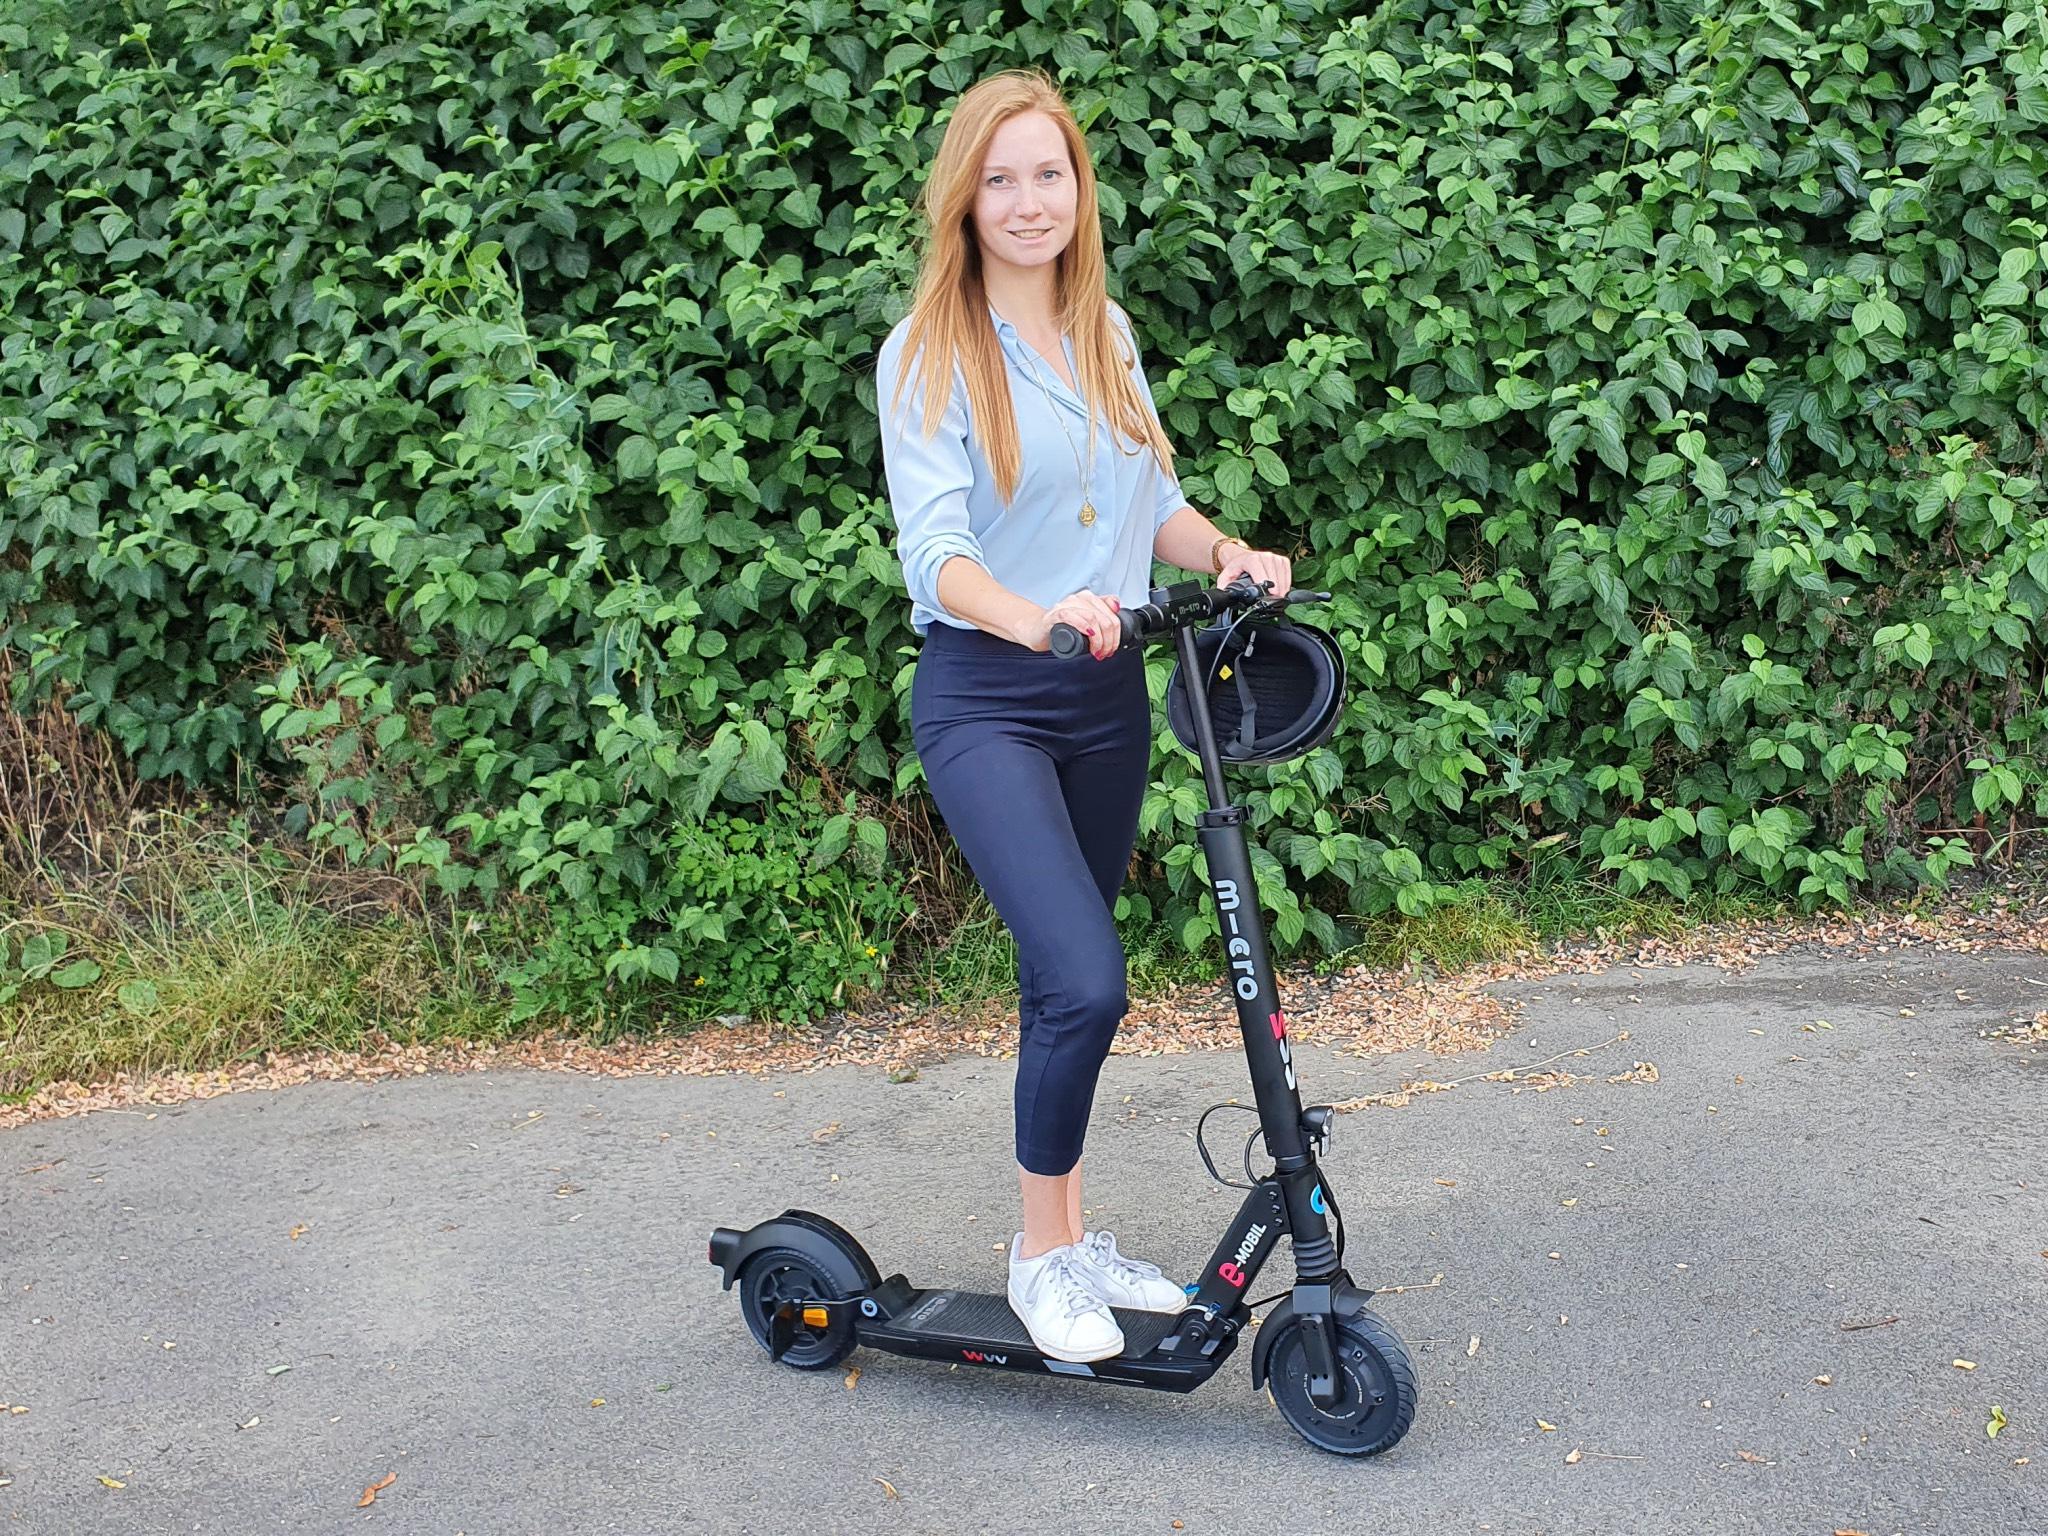 Mit dem E-Scooter der WVV kann man kostengünstig Strecken bis zu 25 Kilometer zurücklegen. Foto: Laura Göpfert